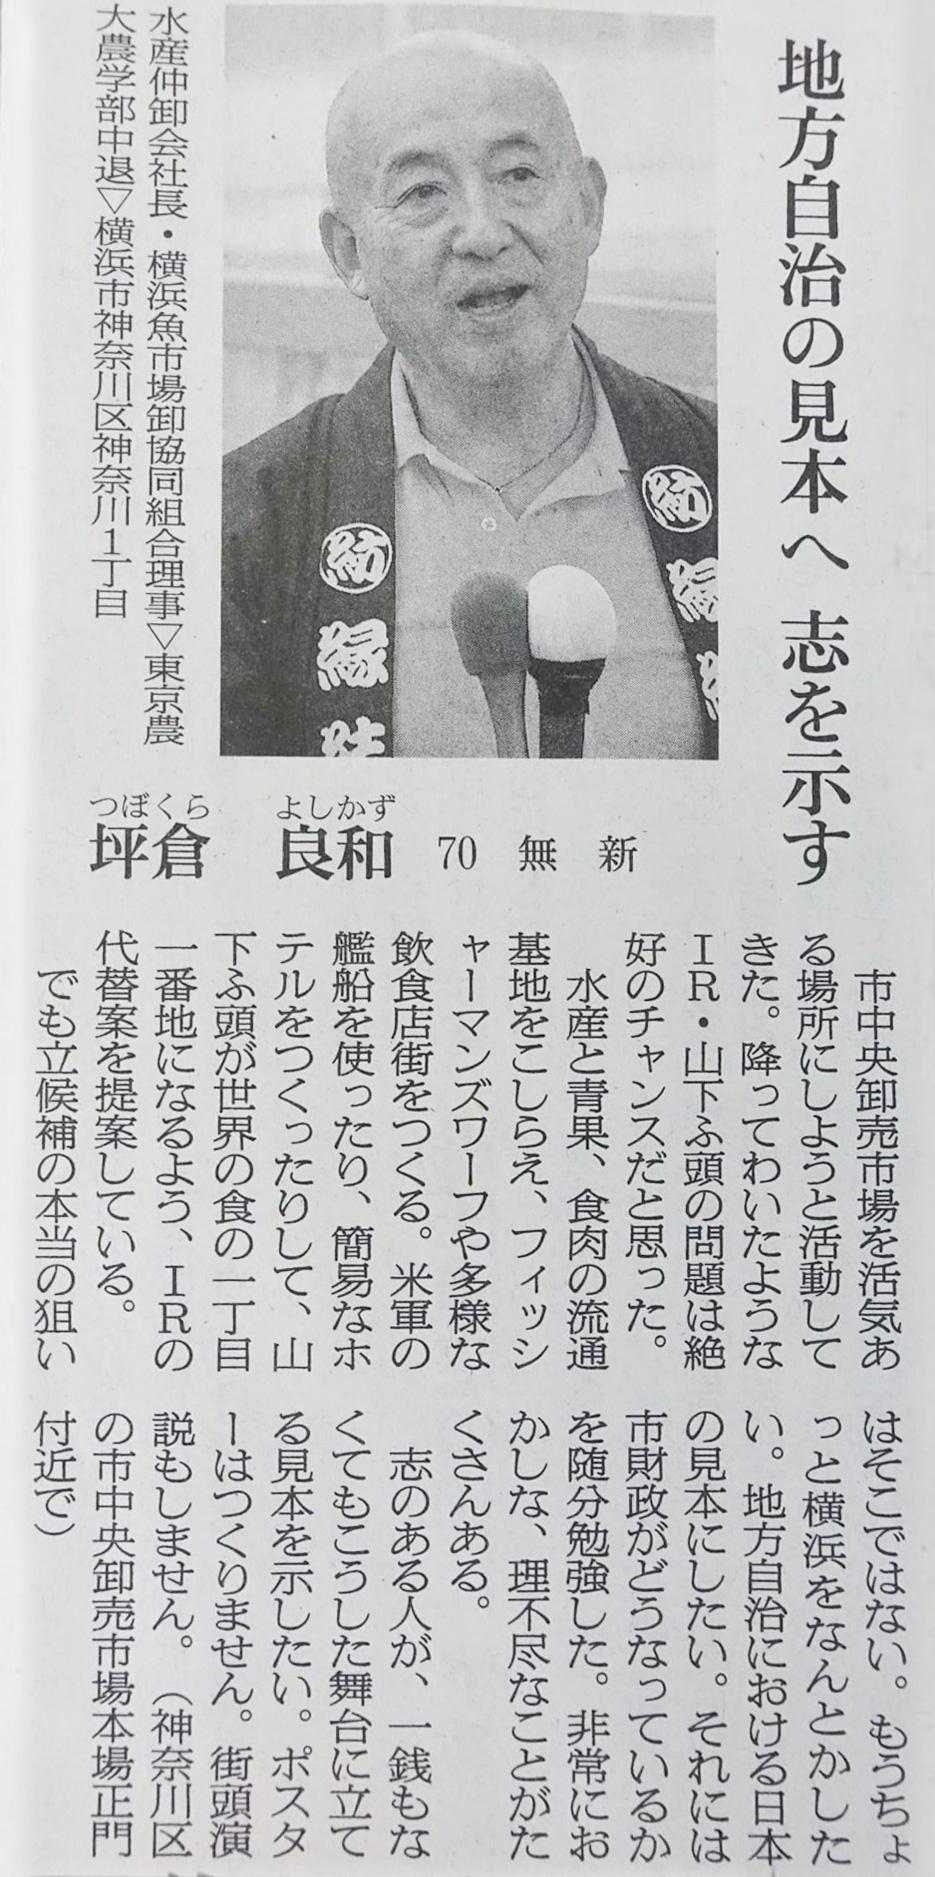 8月8日朝日新聞坪倉良和選挙記事